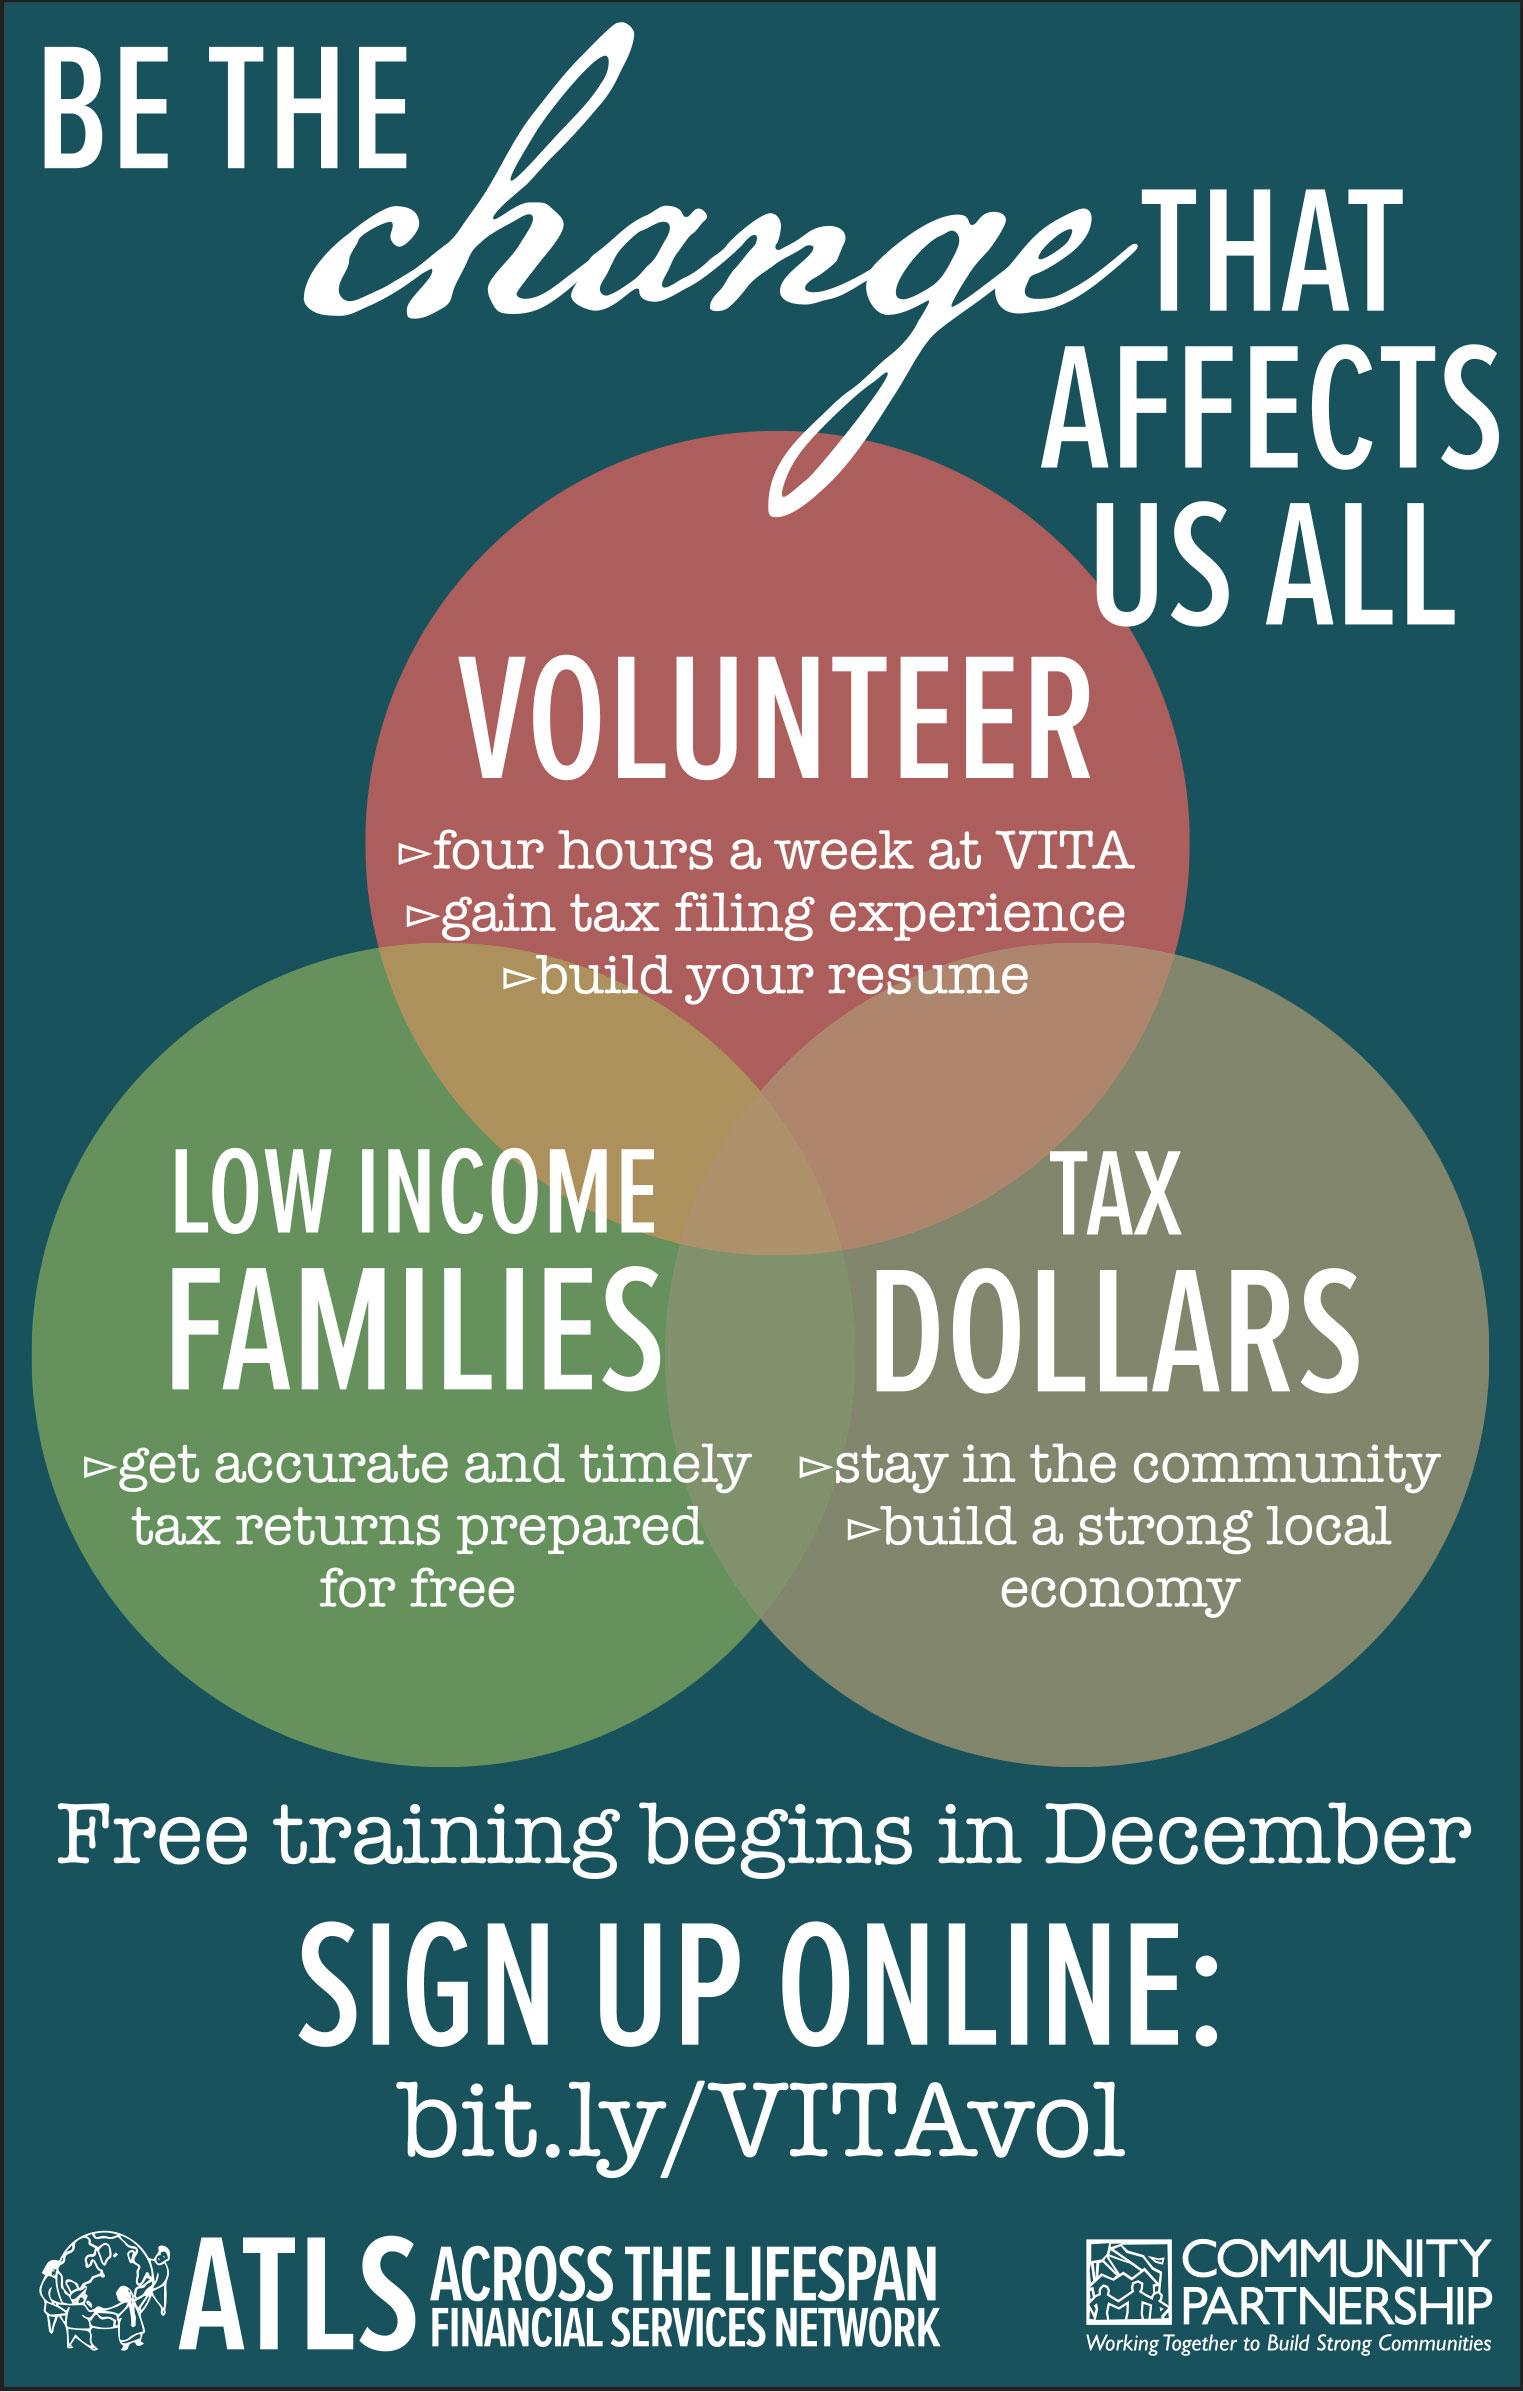 VITA training starts in December